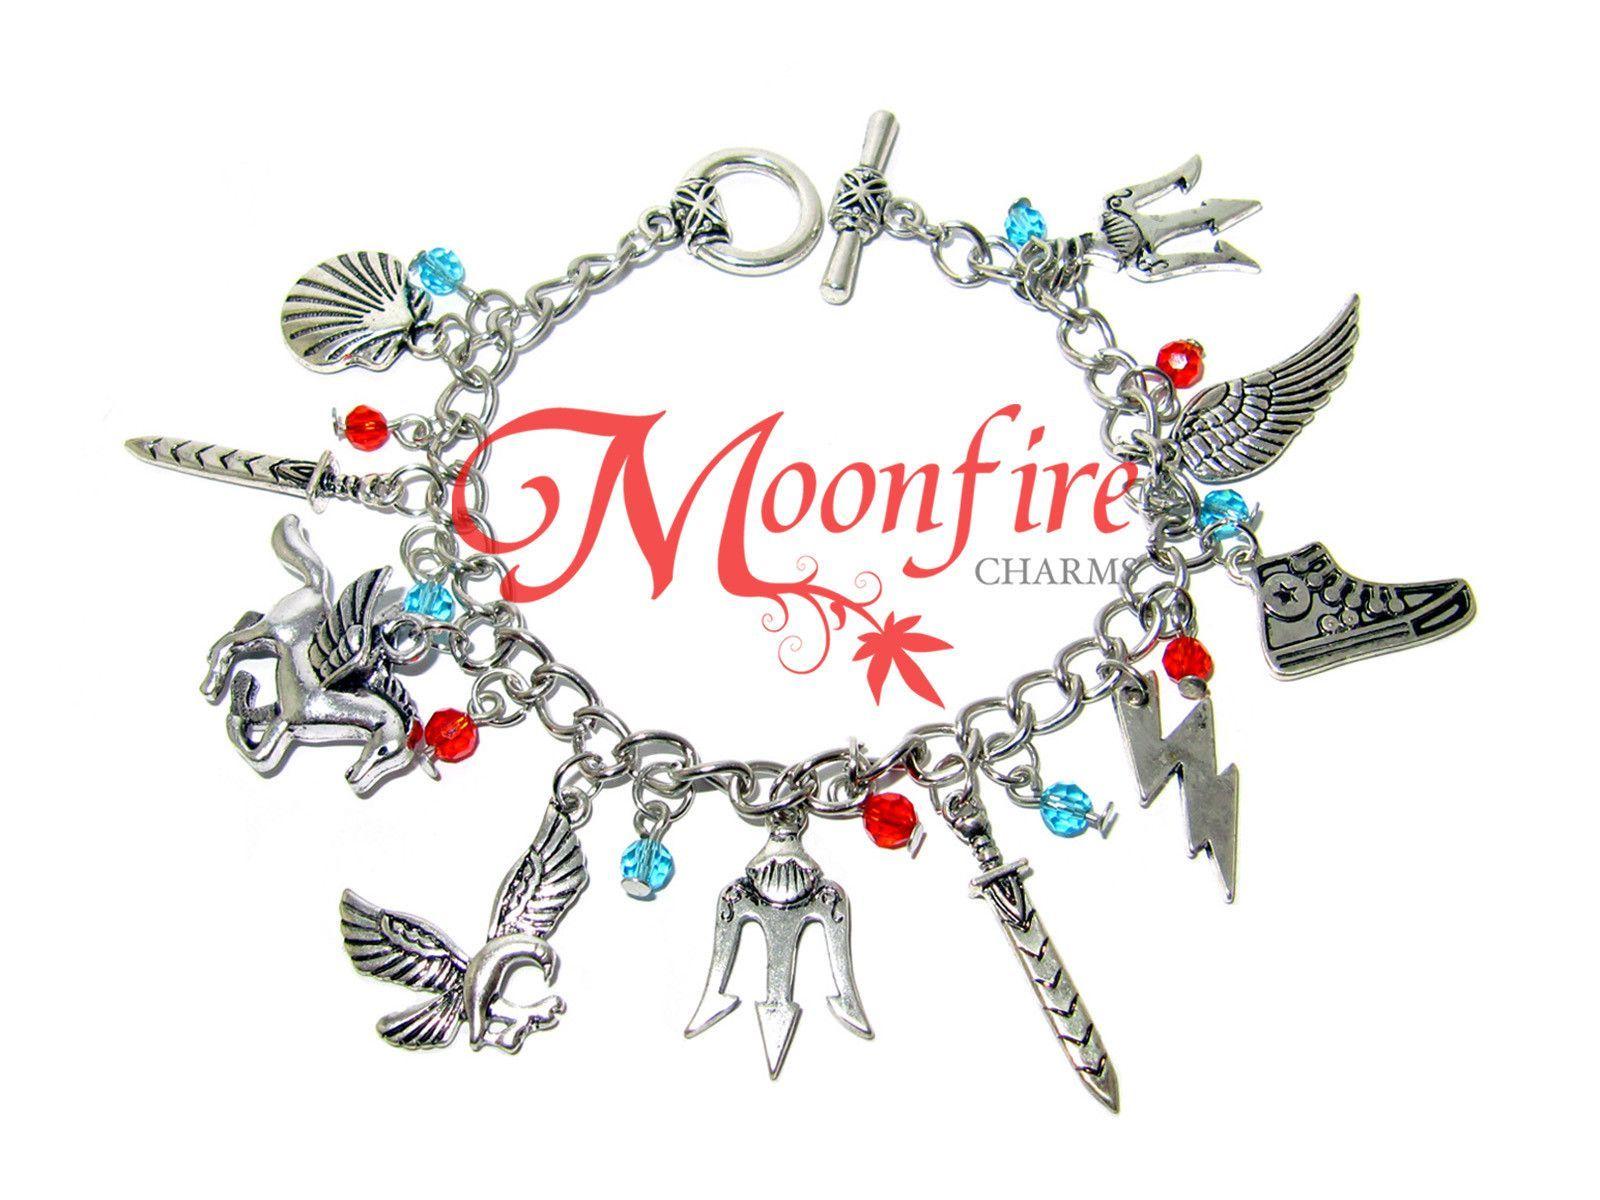 PERCY JACKSON Fandom Charm Bracelet